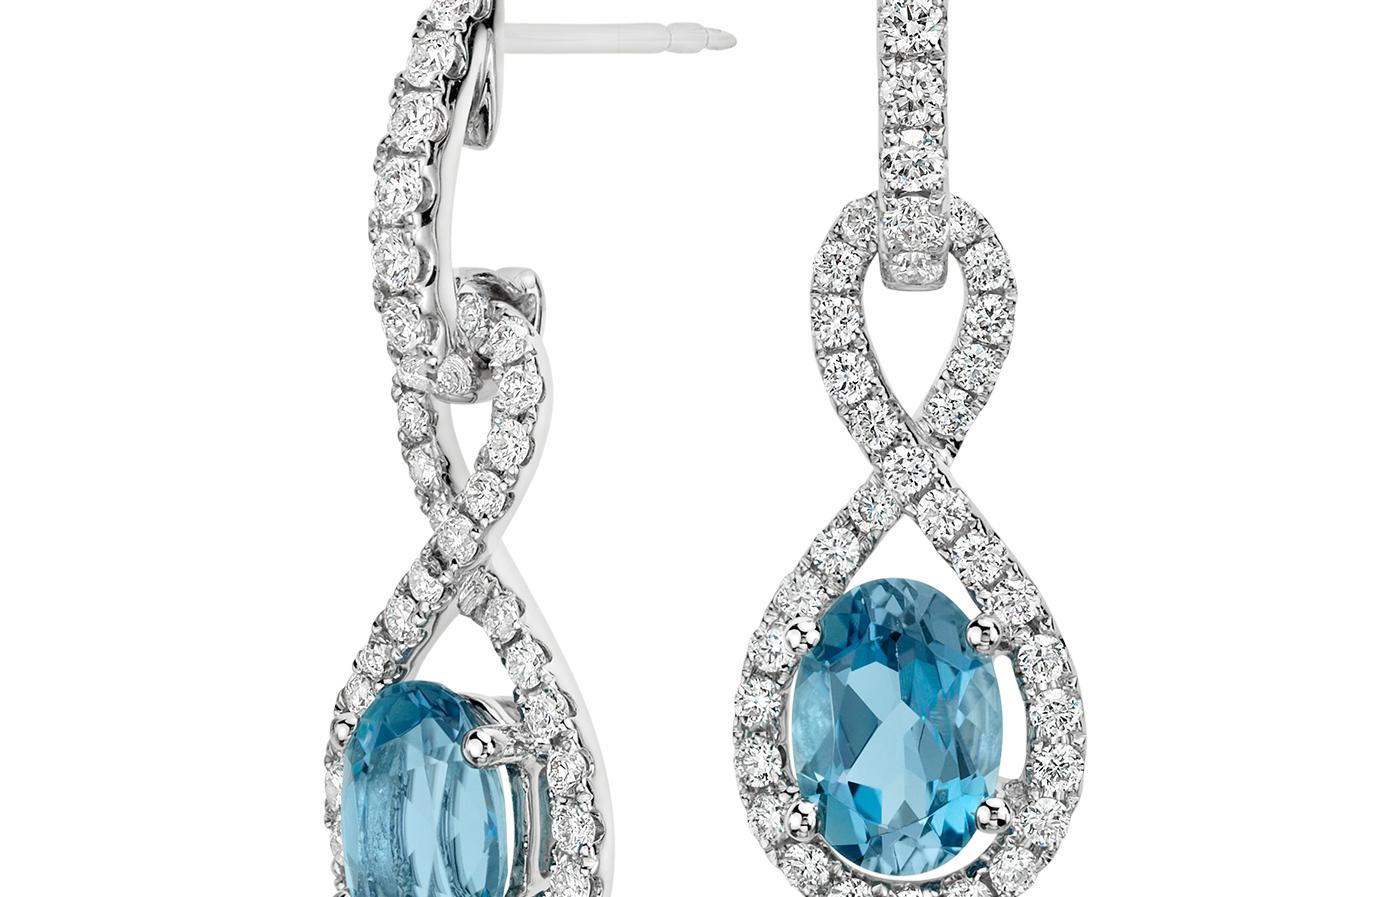 Boucles d'oreilles torsadées Infinity diamant et aigue-marine en or blanc 18carats (7x5mm)